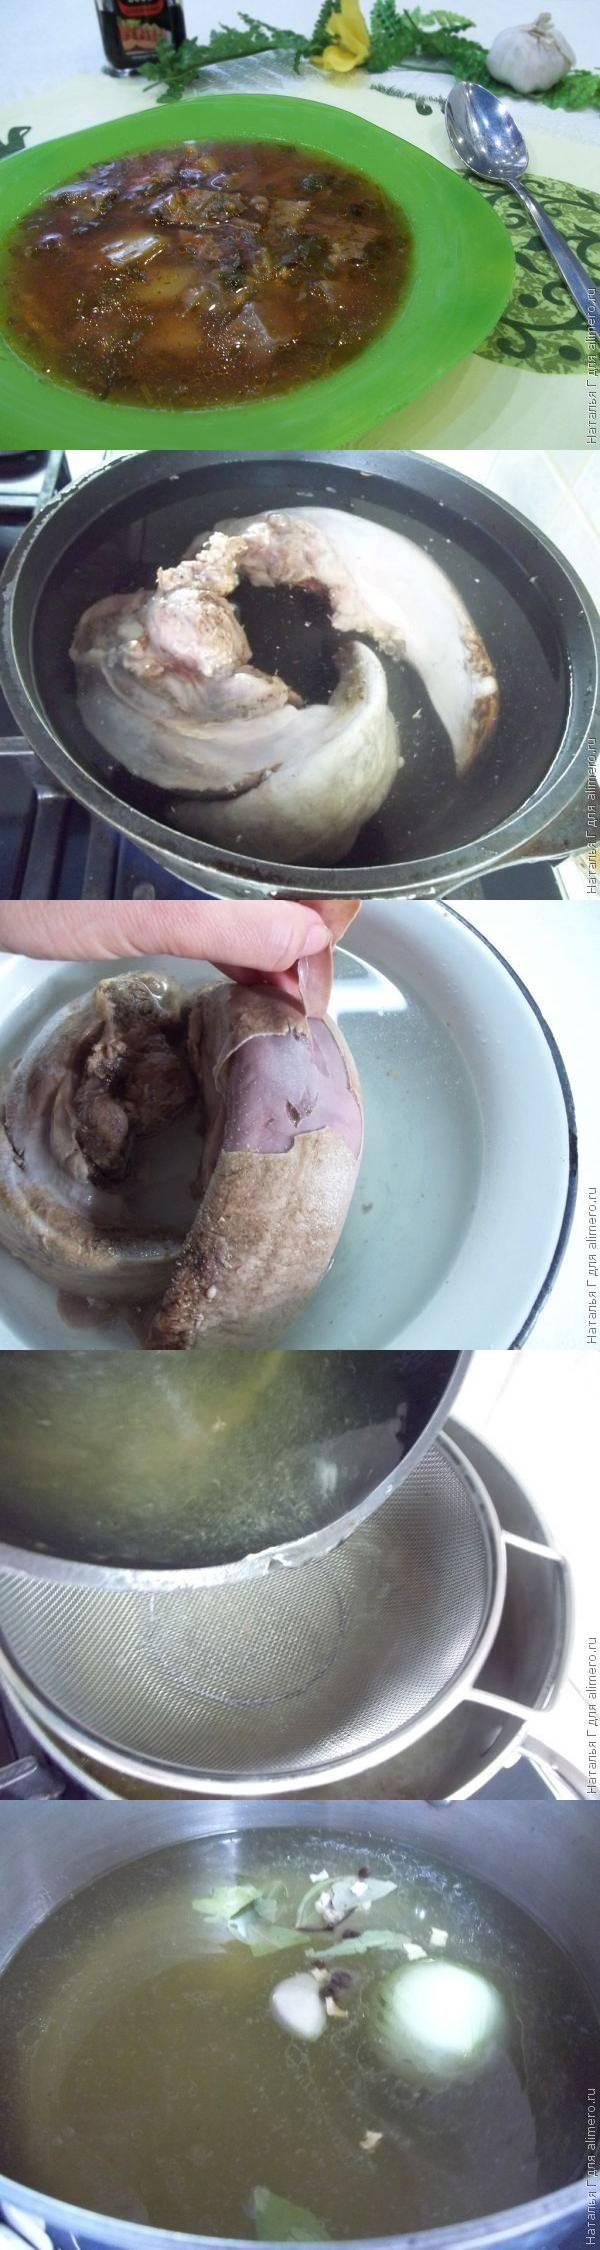 Суп из свиного языка